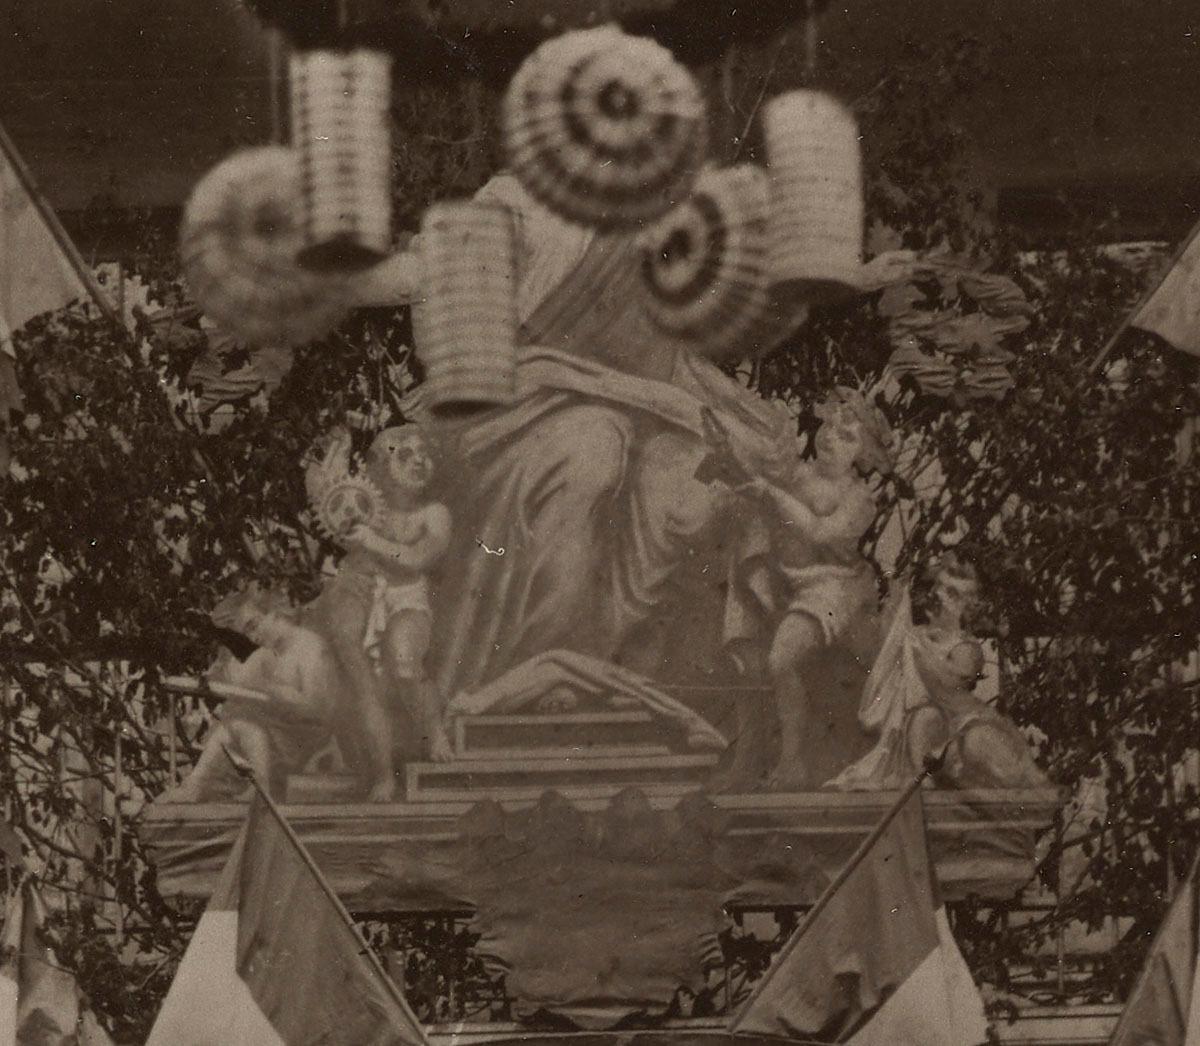 Détail de la photographie du trophée des arts industriels montrant la peinture a